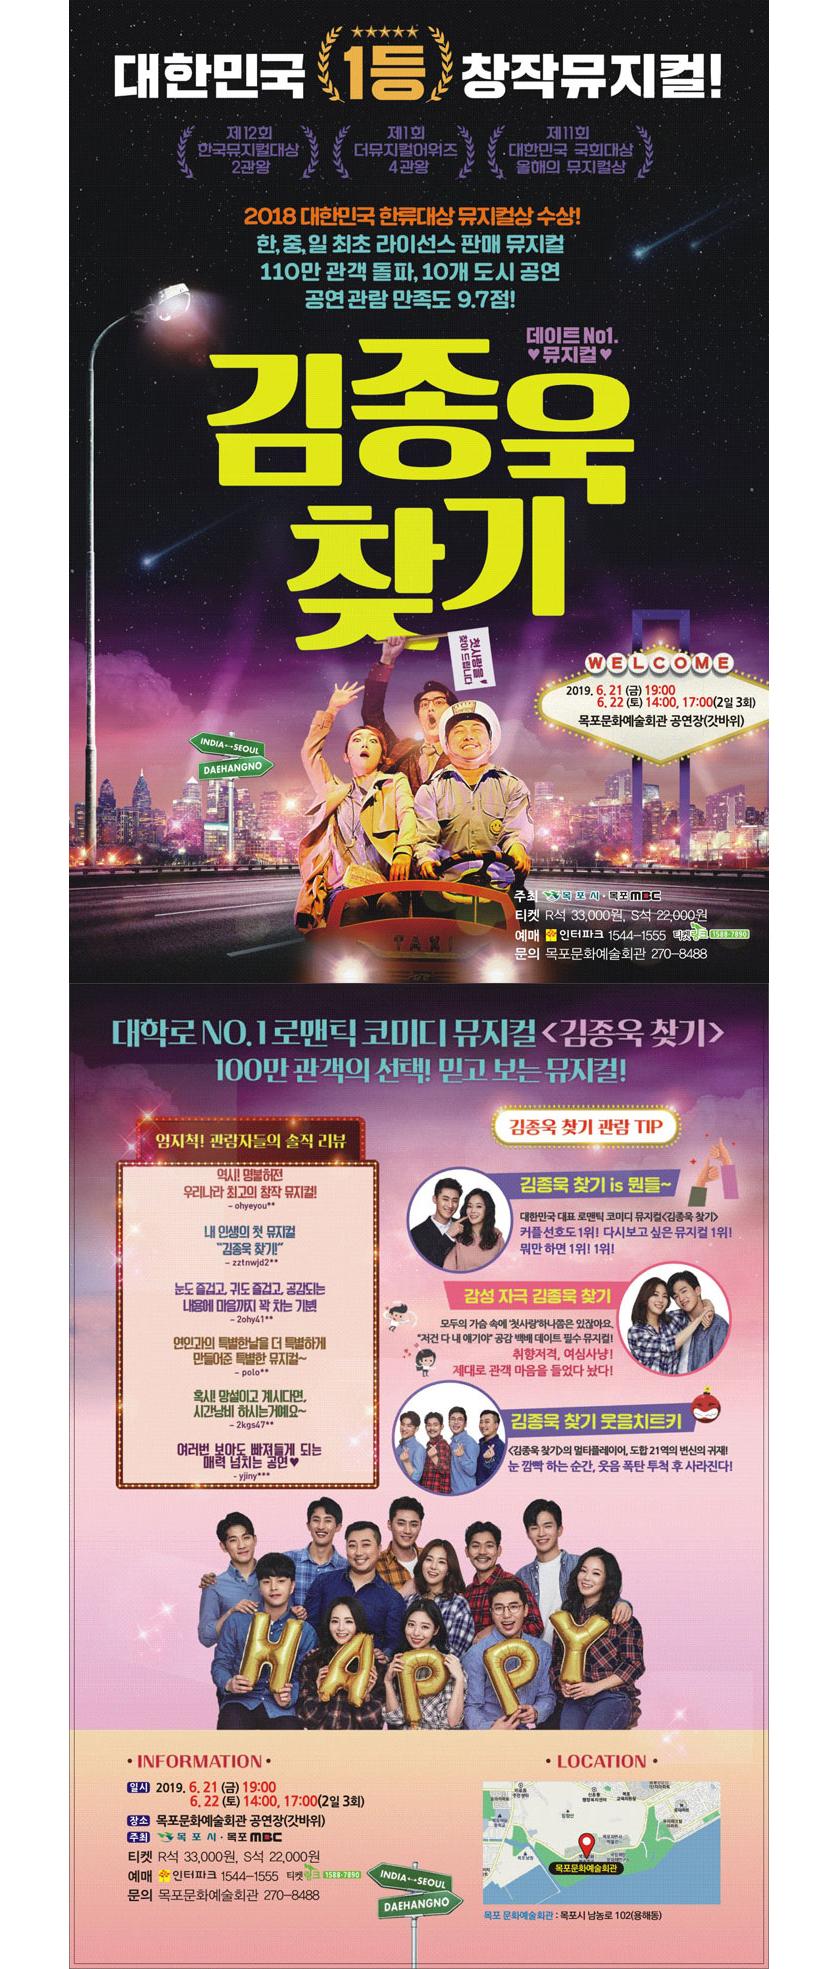 뮤지컬 김종욱 찾기 행사정보